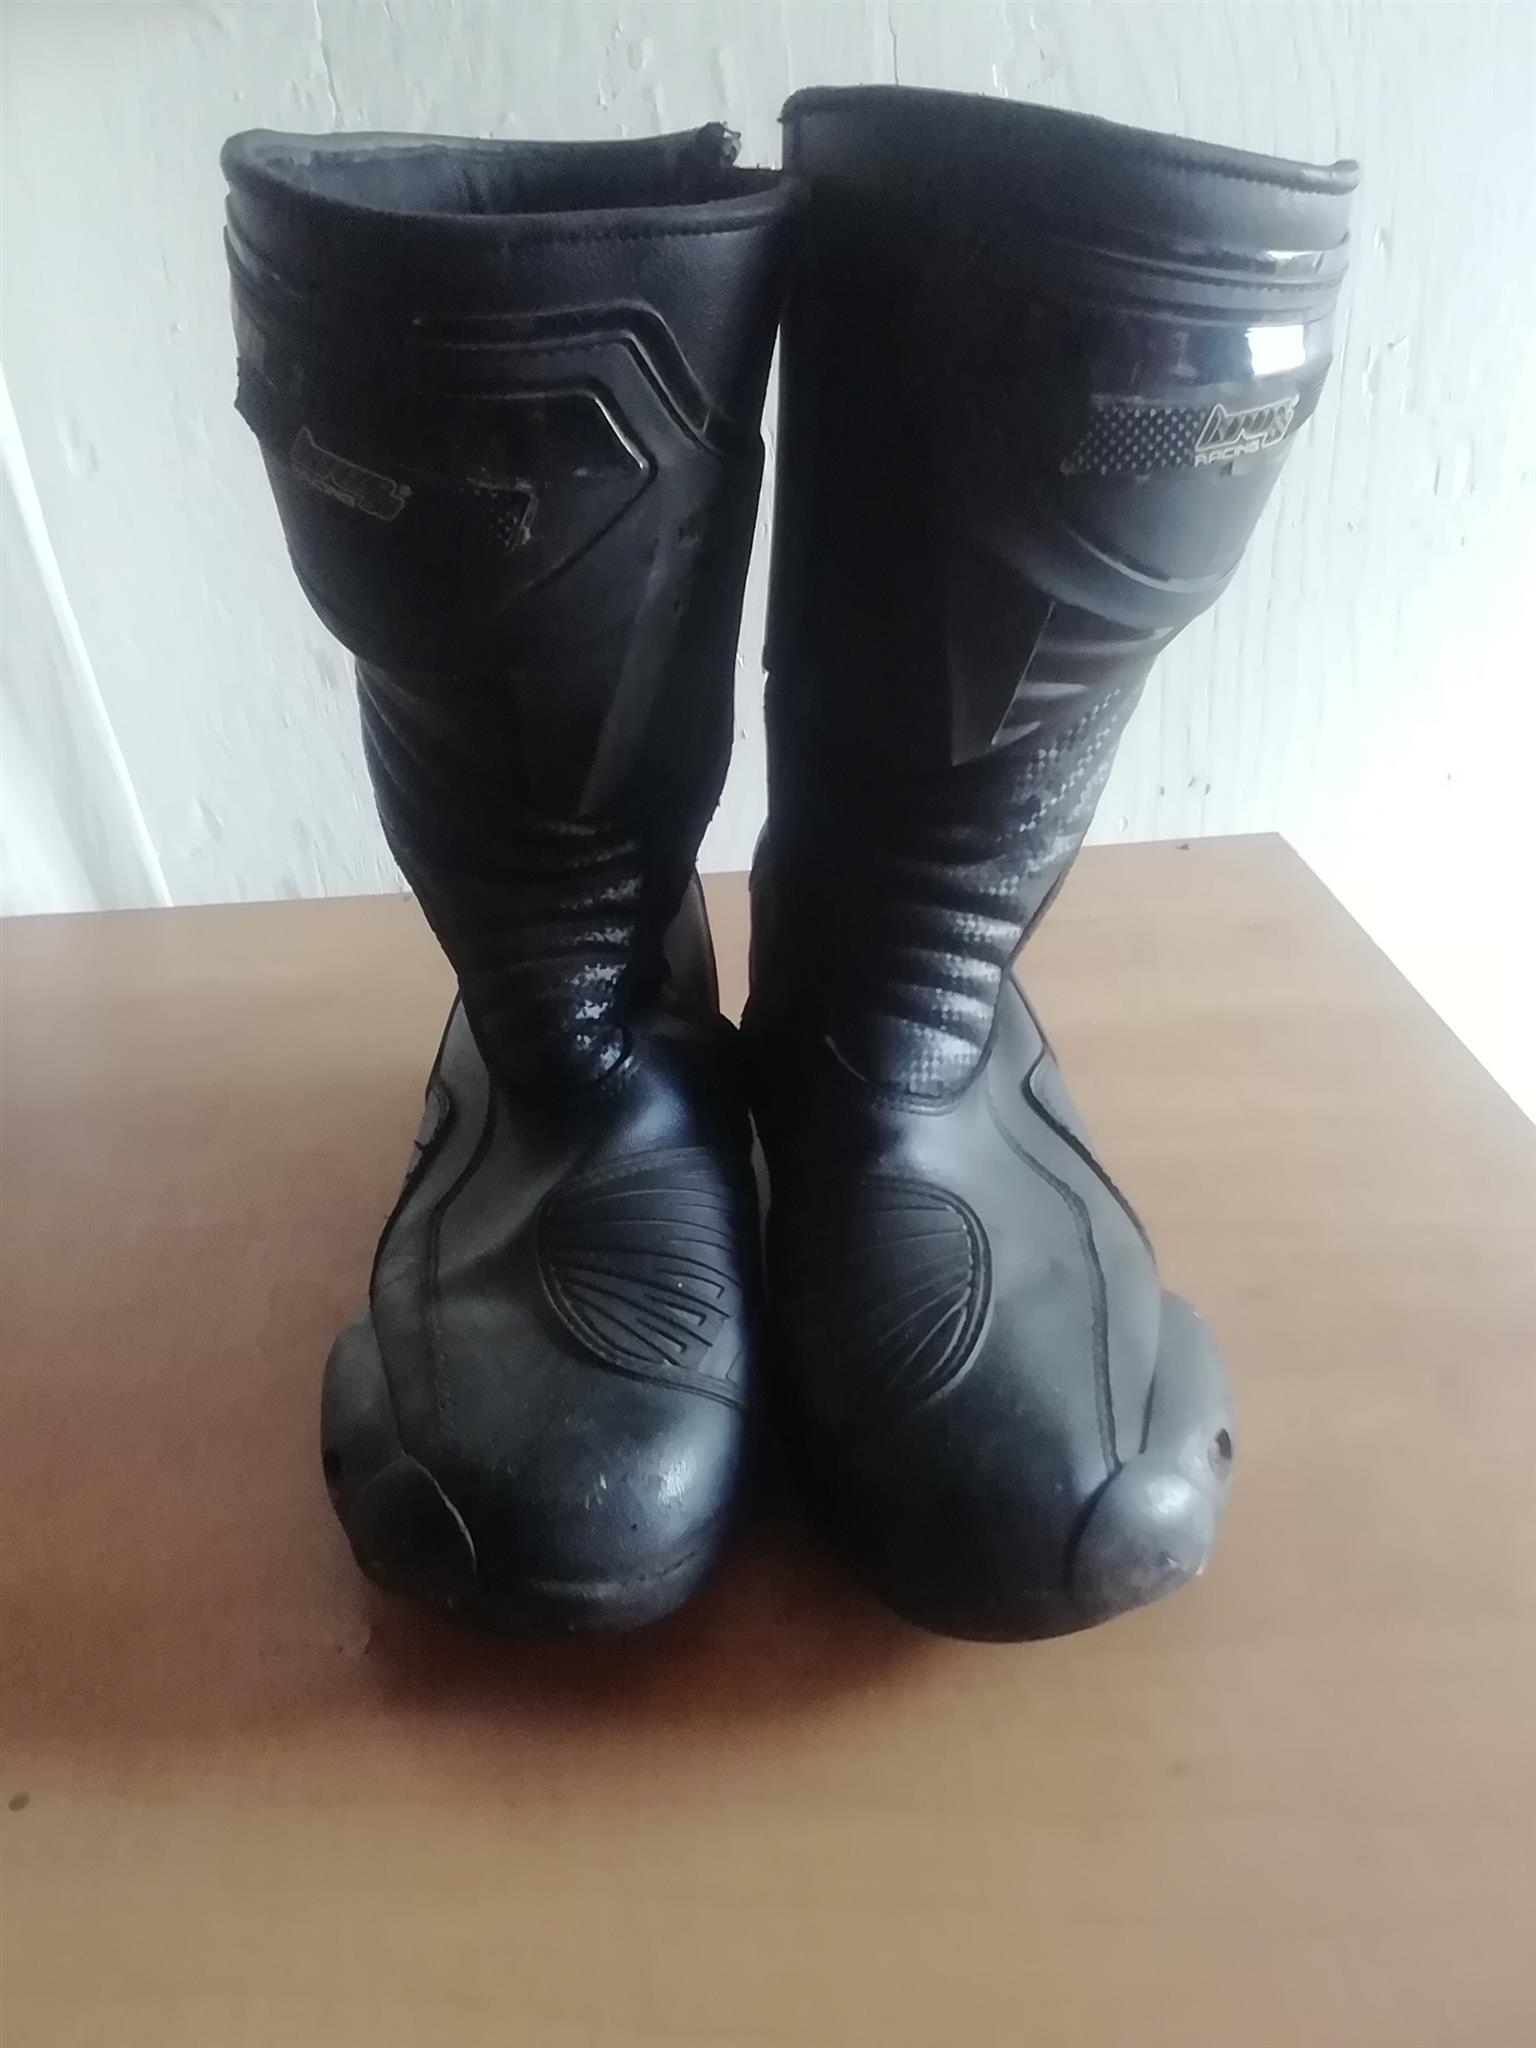 Helmet & boots